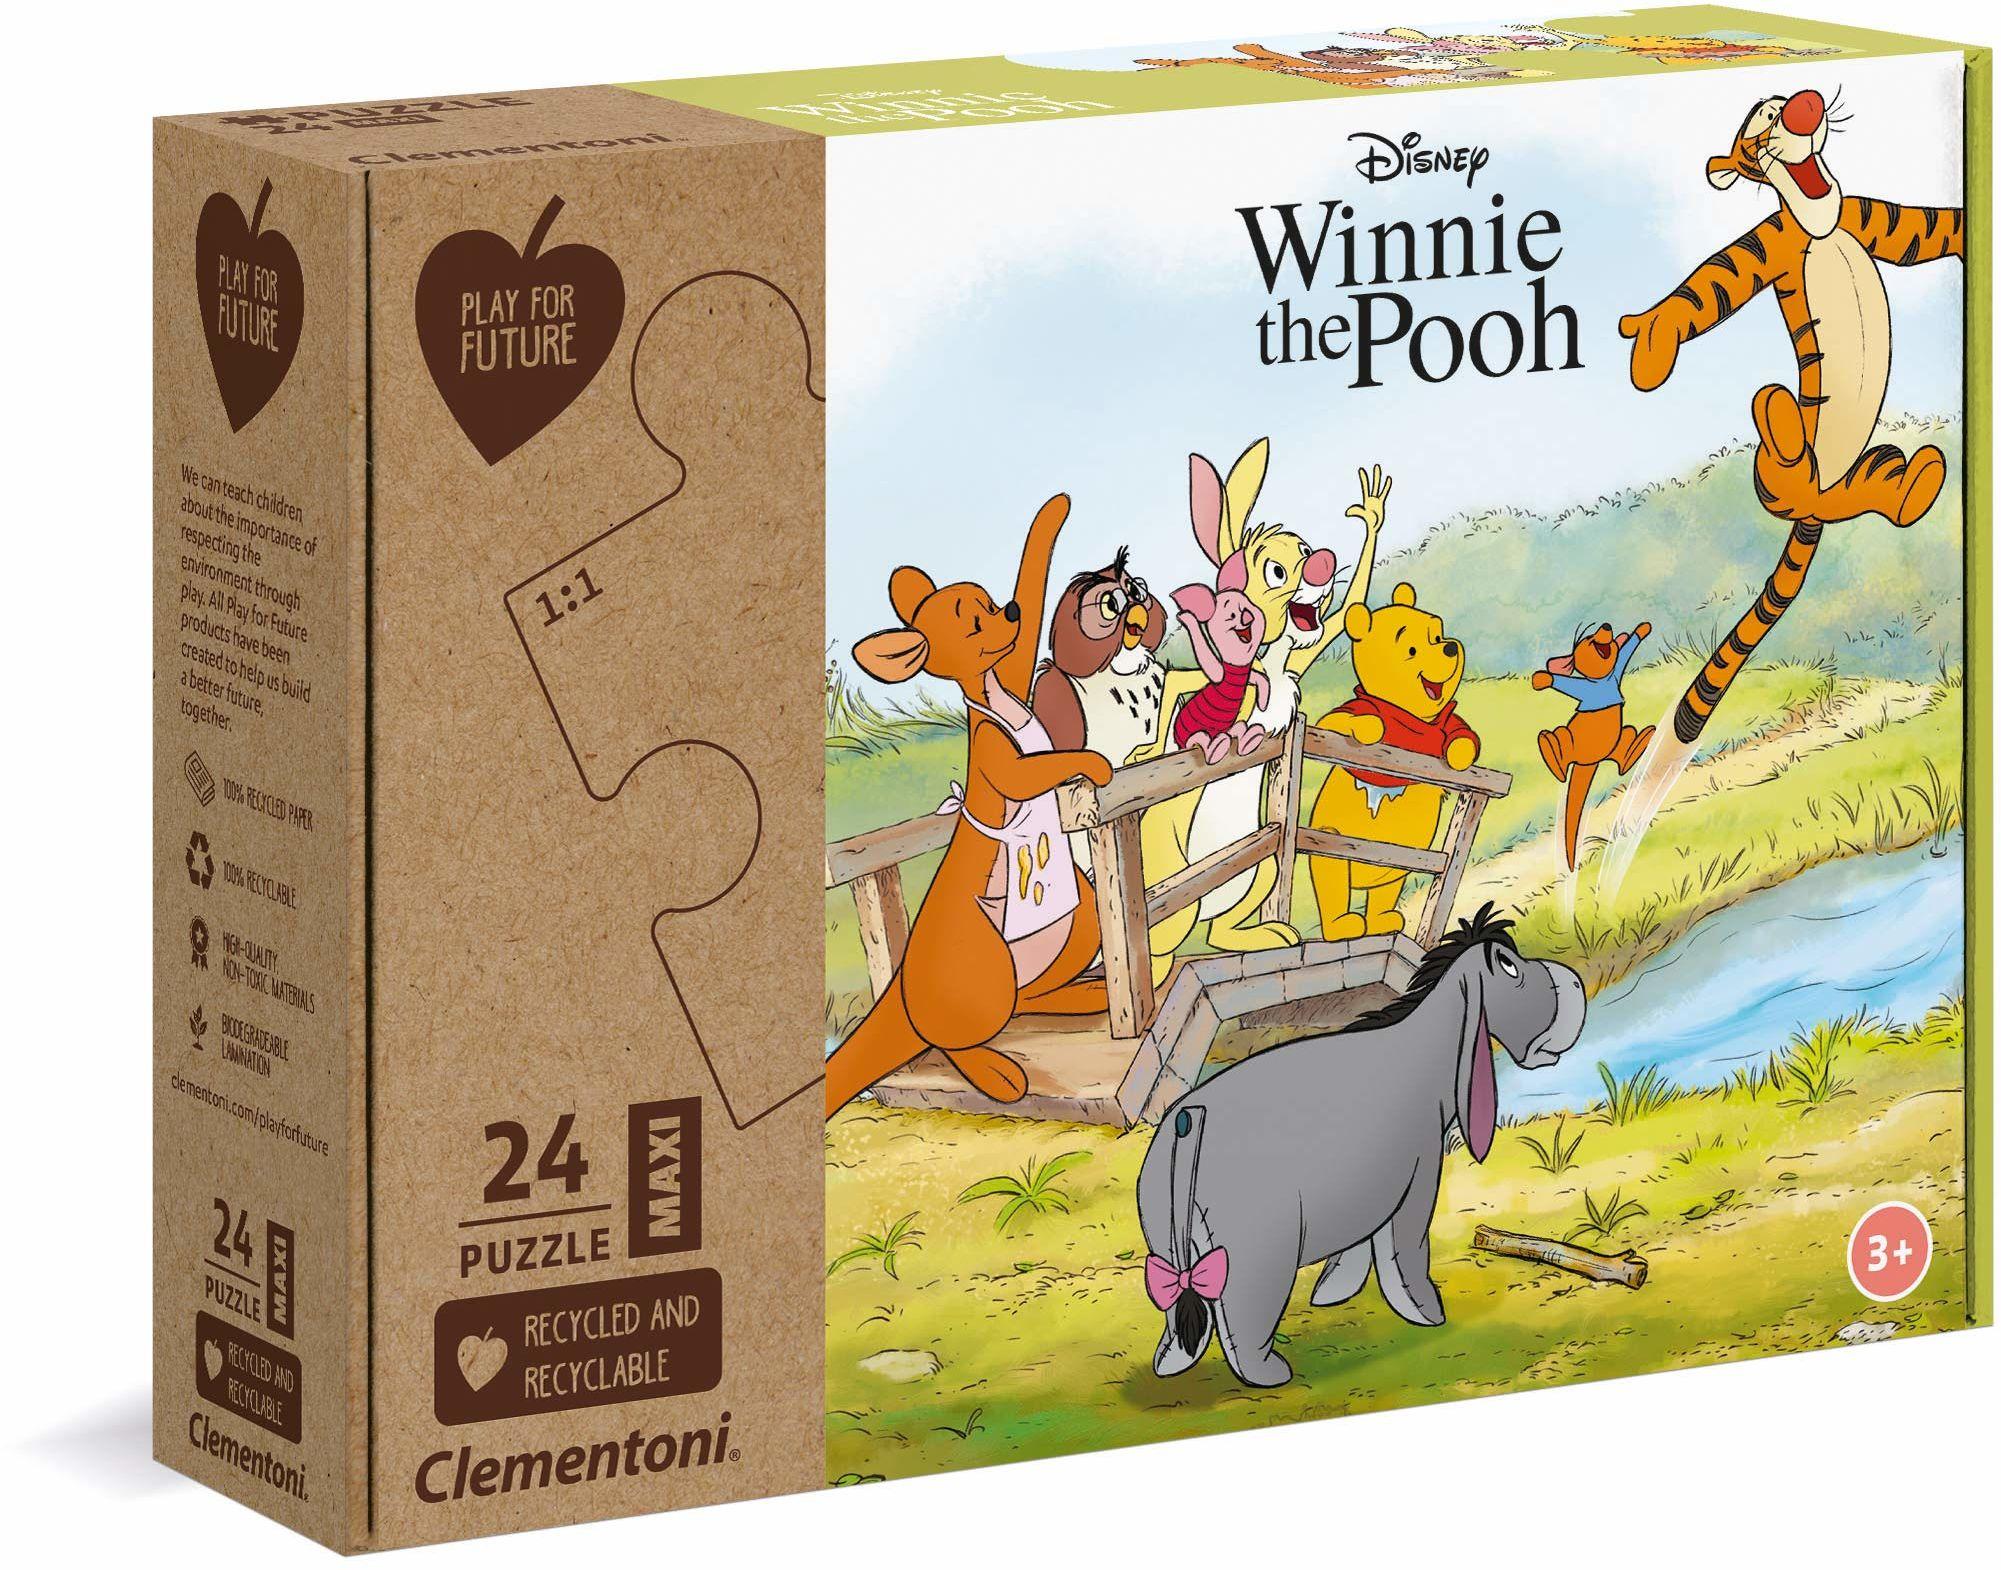 Clementoni 20259 Kubuś Puchatek  24 maksi  wyprodukowano we Włoszech  100% recyklingowane materiały, puzzle dla dzieci